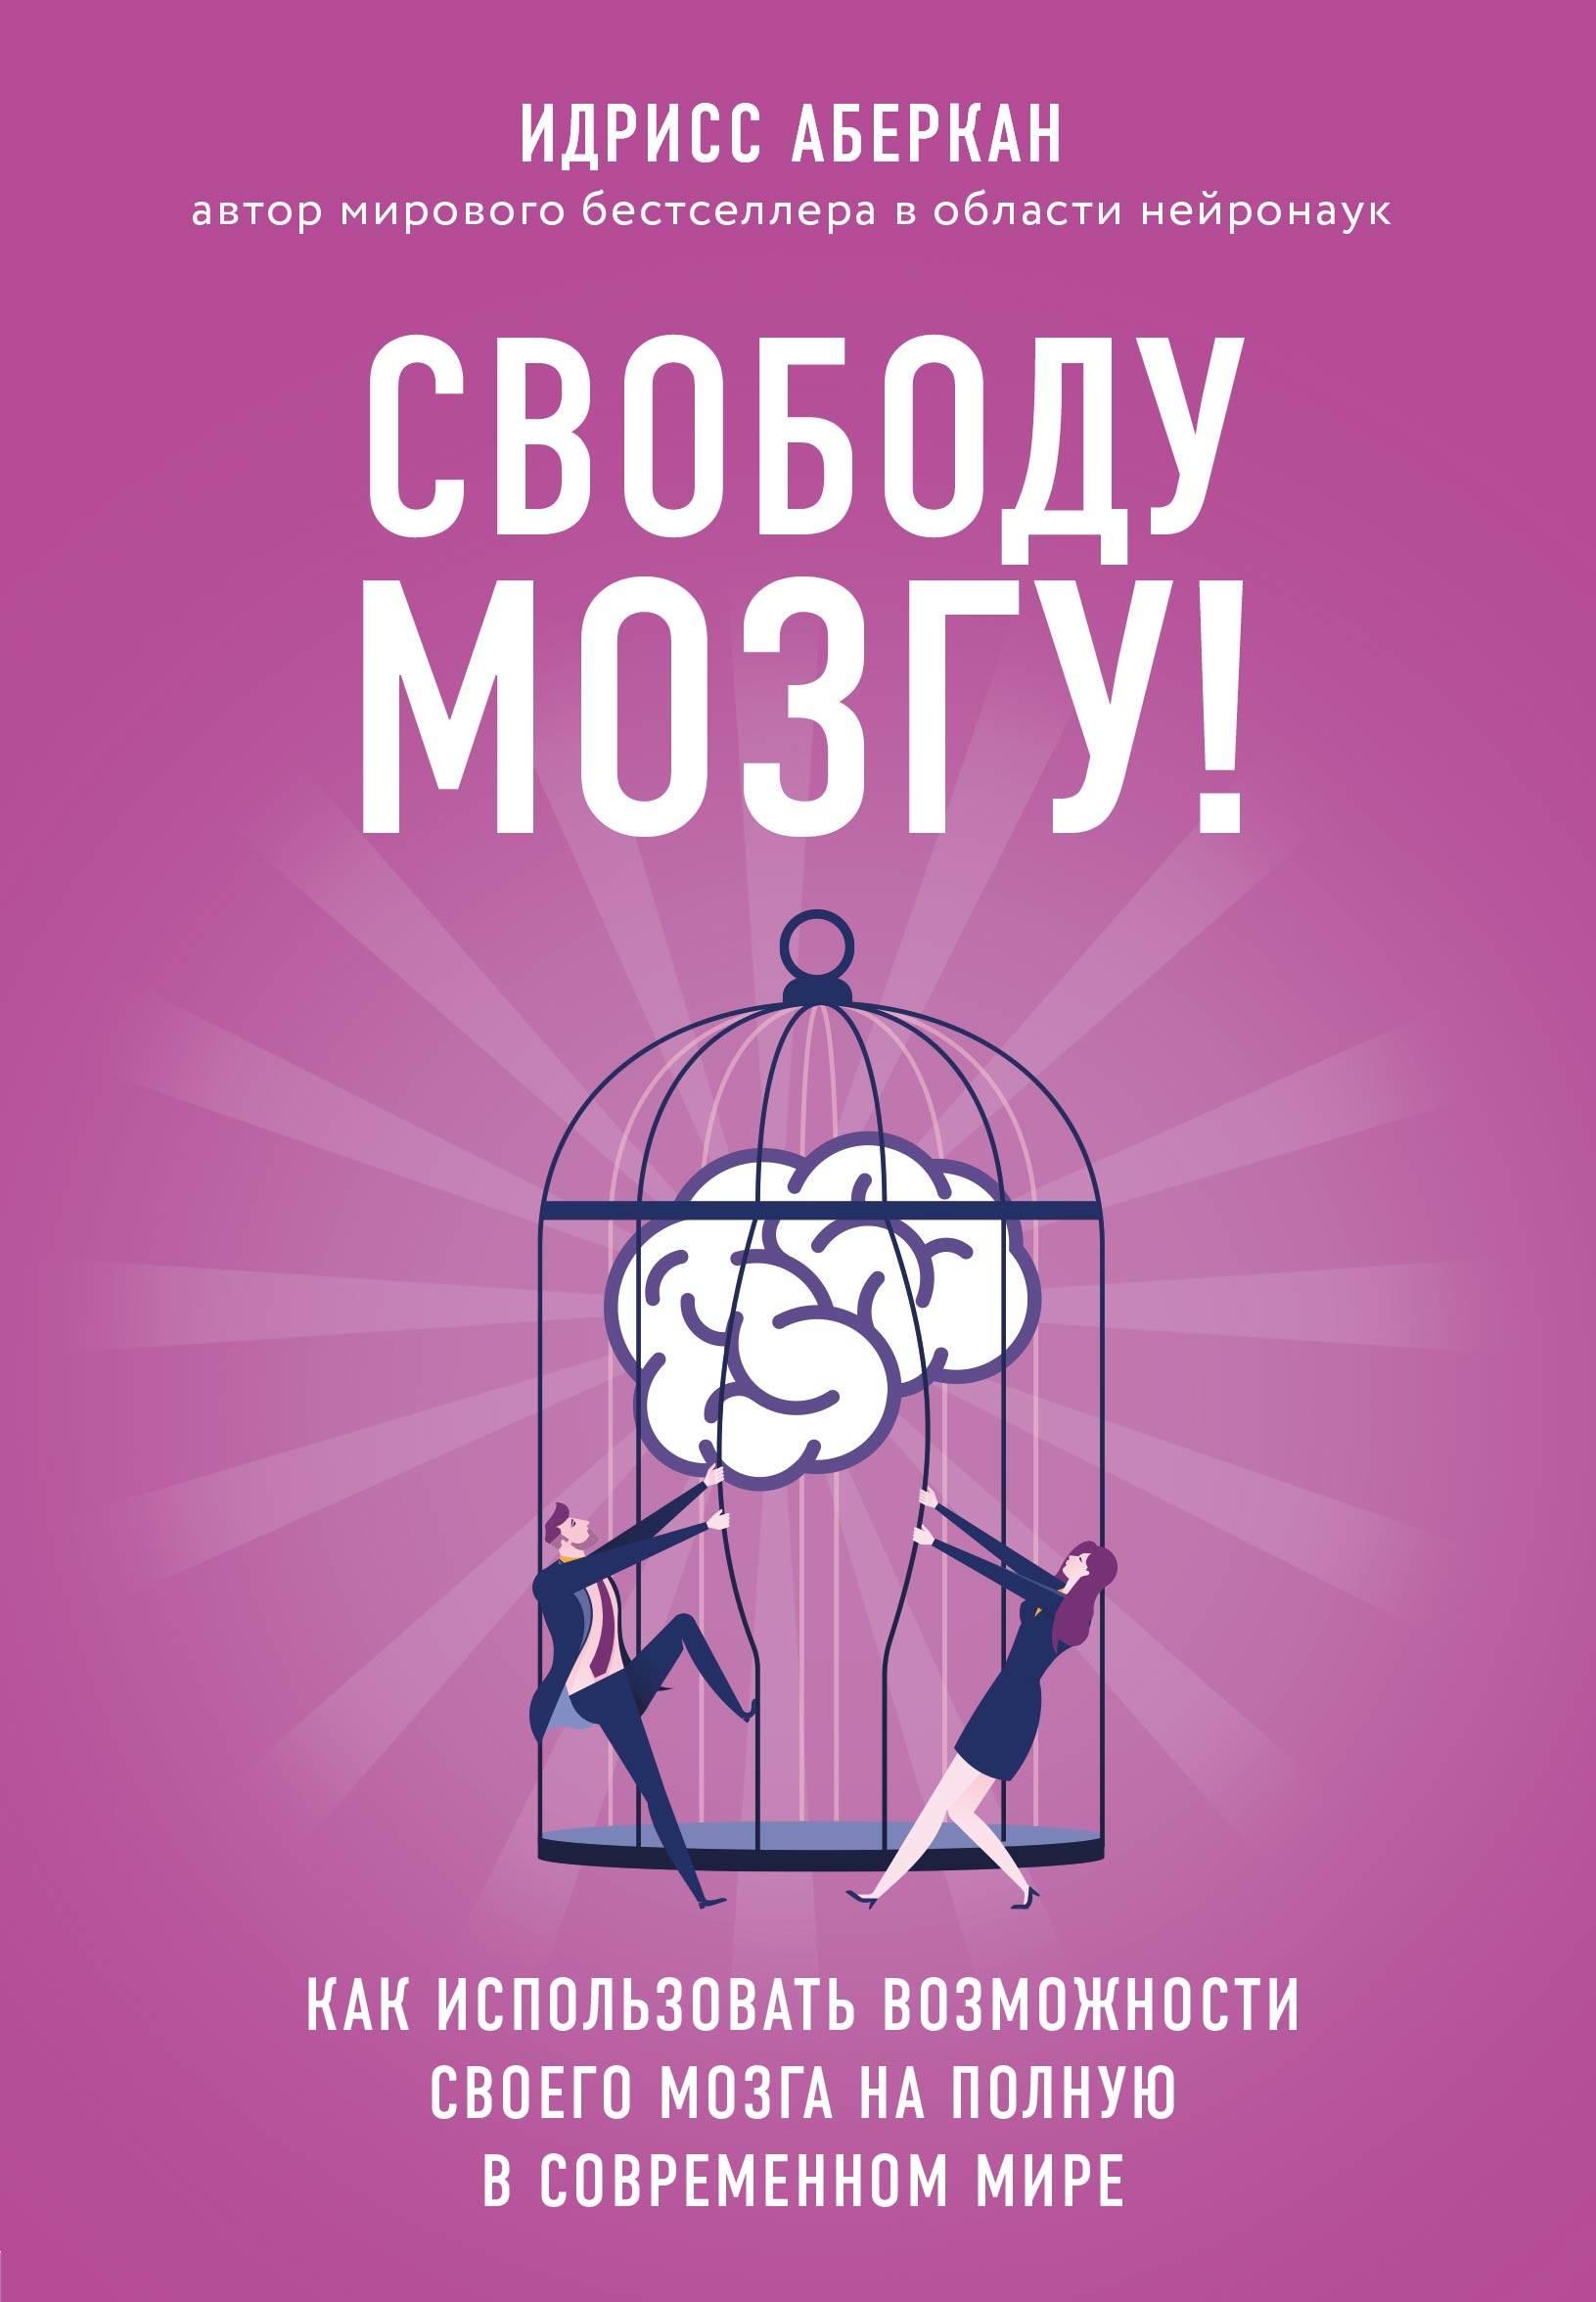 Свободу мозгу! Как использовать возможности своего мозга на полную в современном мире